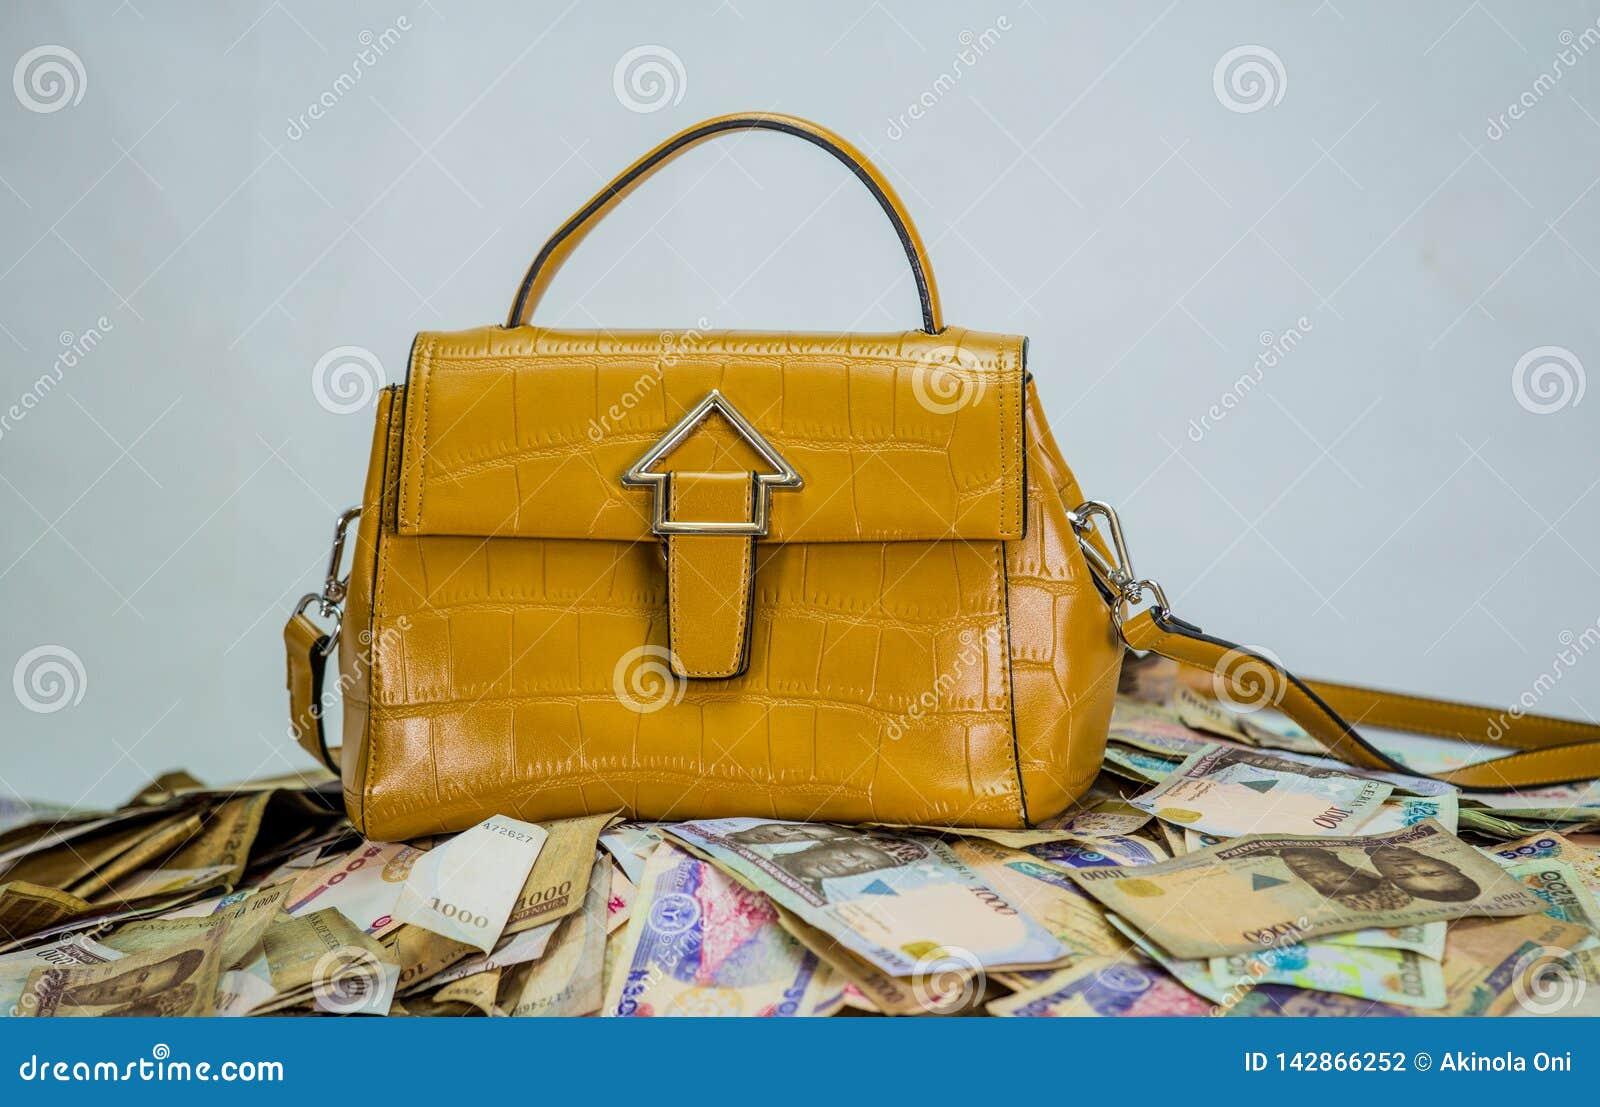 Naira gotówki rozsypisko z kobiety torbą - pojęcie wysokiej mody koszt